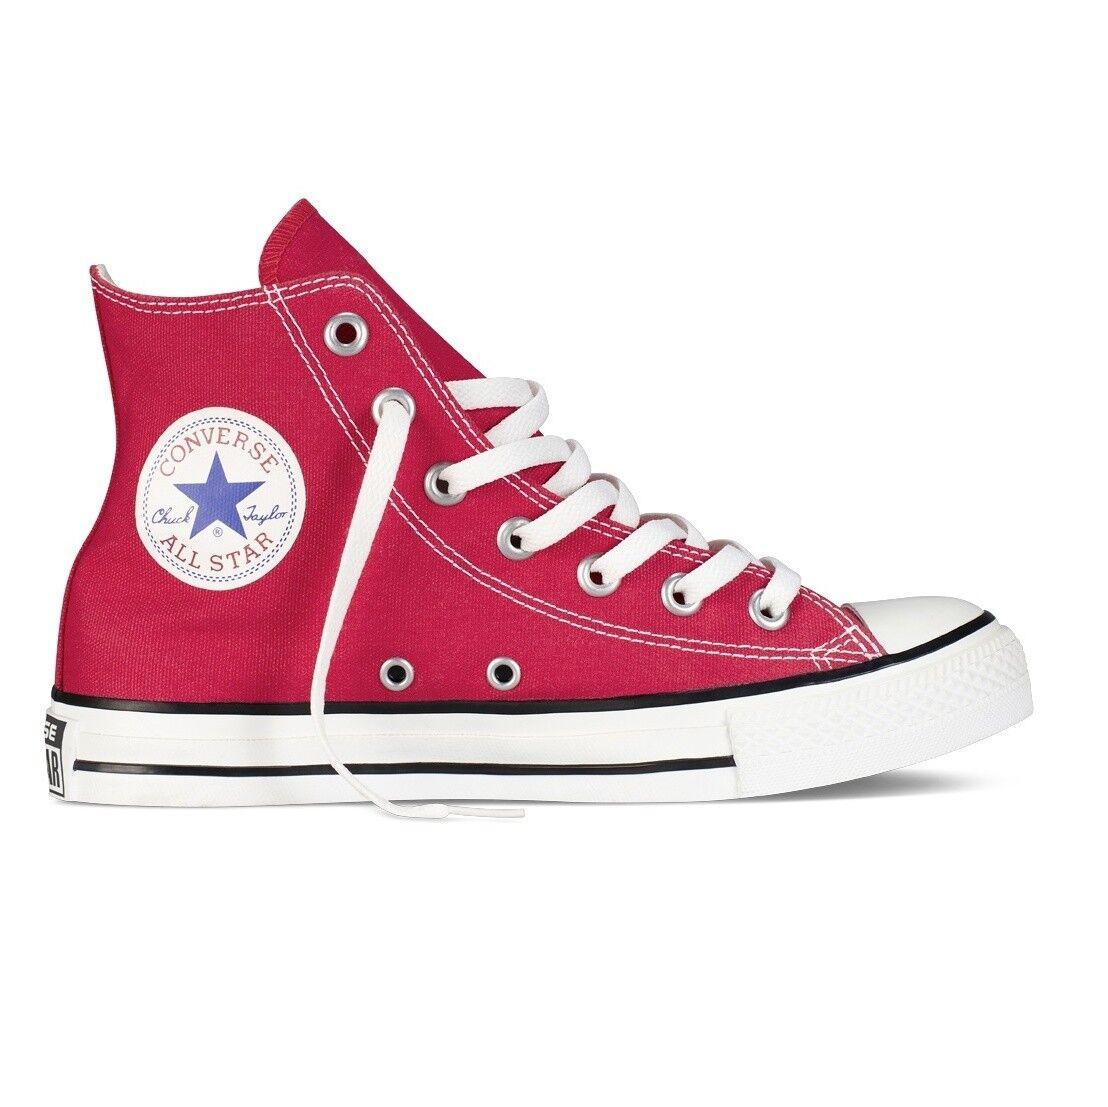 Converse All Star Chuck Taylor Hi zapatos zapatillas rojo m9621